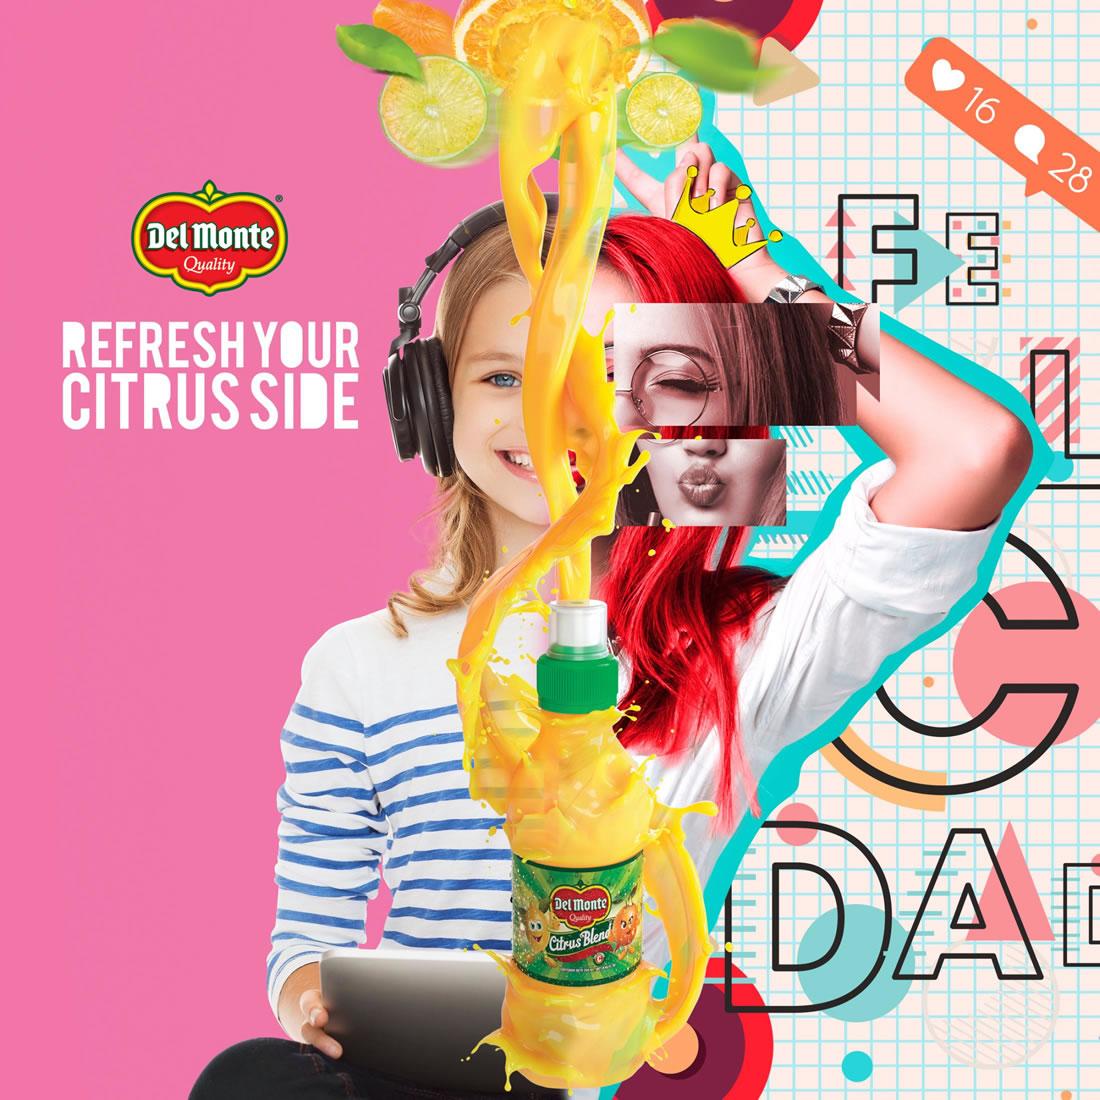 Inspiration – 110 Affiches Publicitaires Graphiques d'avril 2018 99